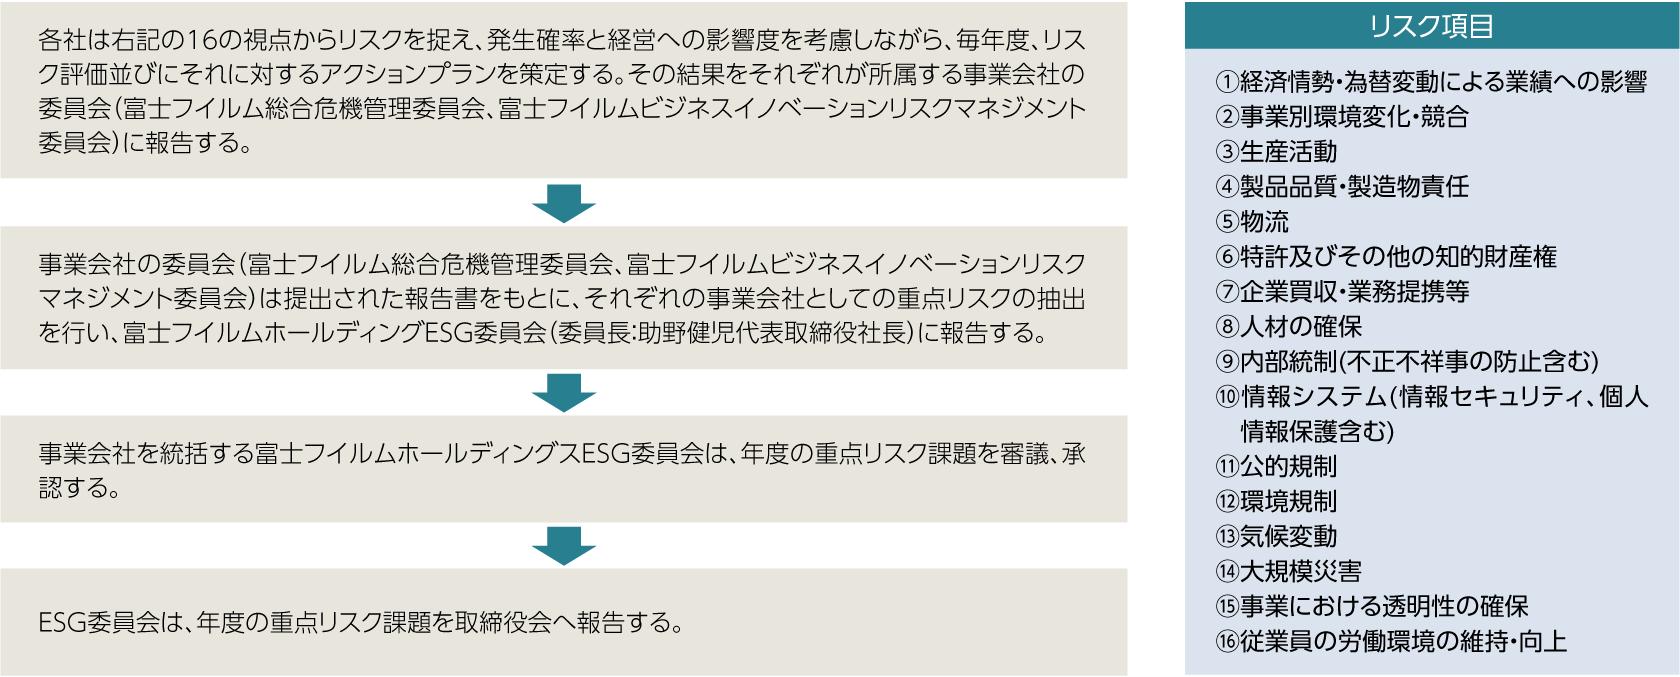 リスクの抽出とアクションプラン策定のプロセス